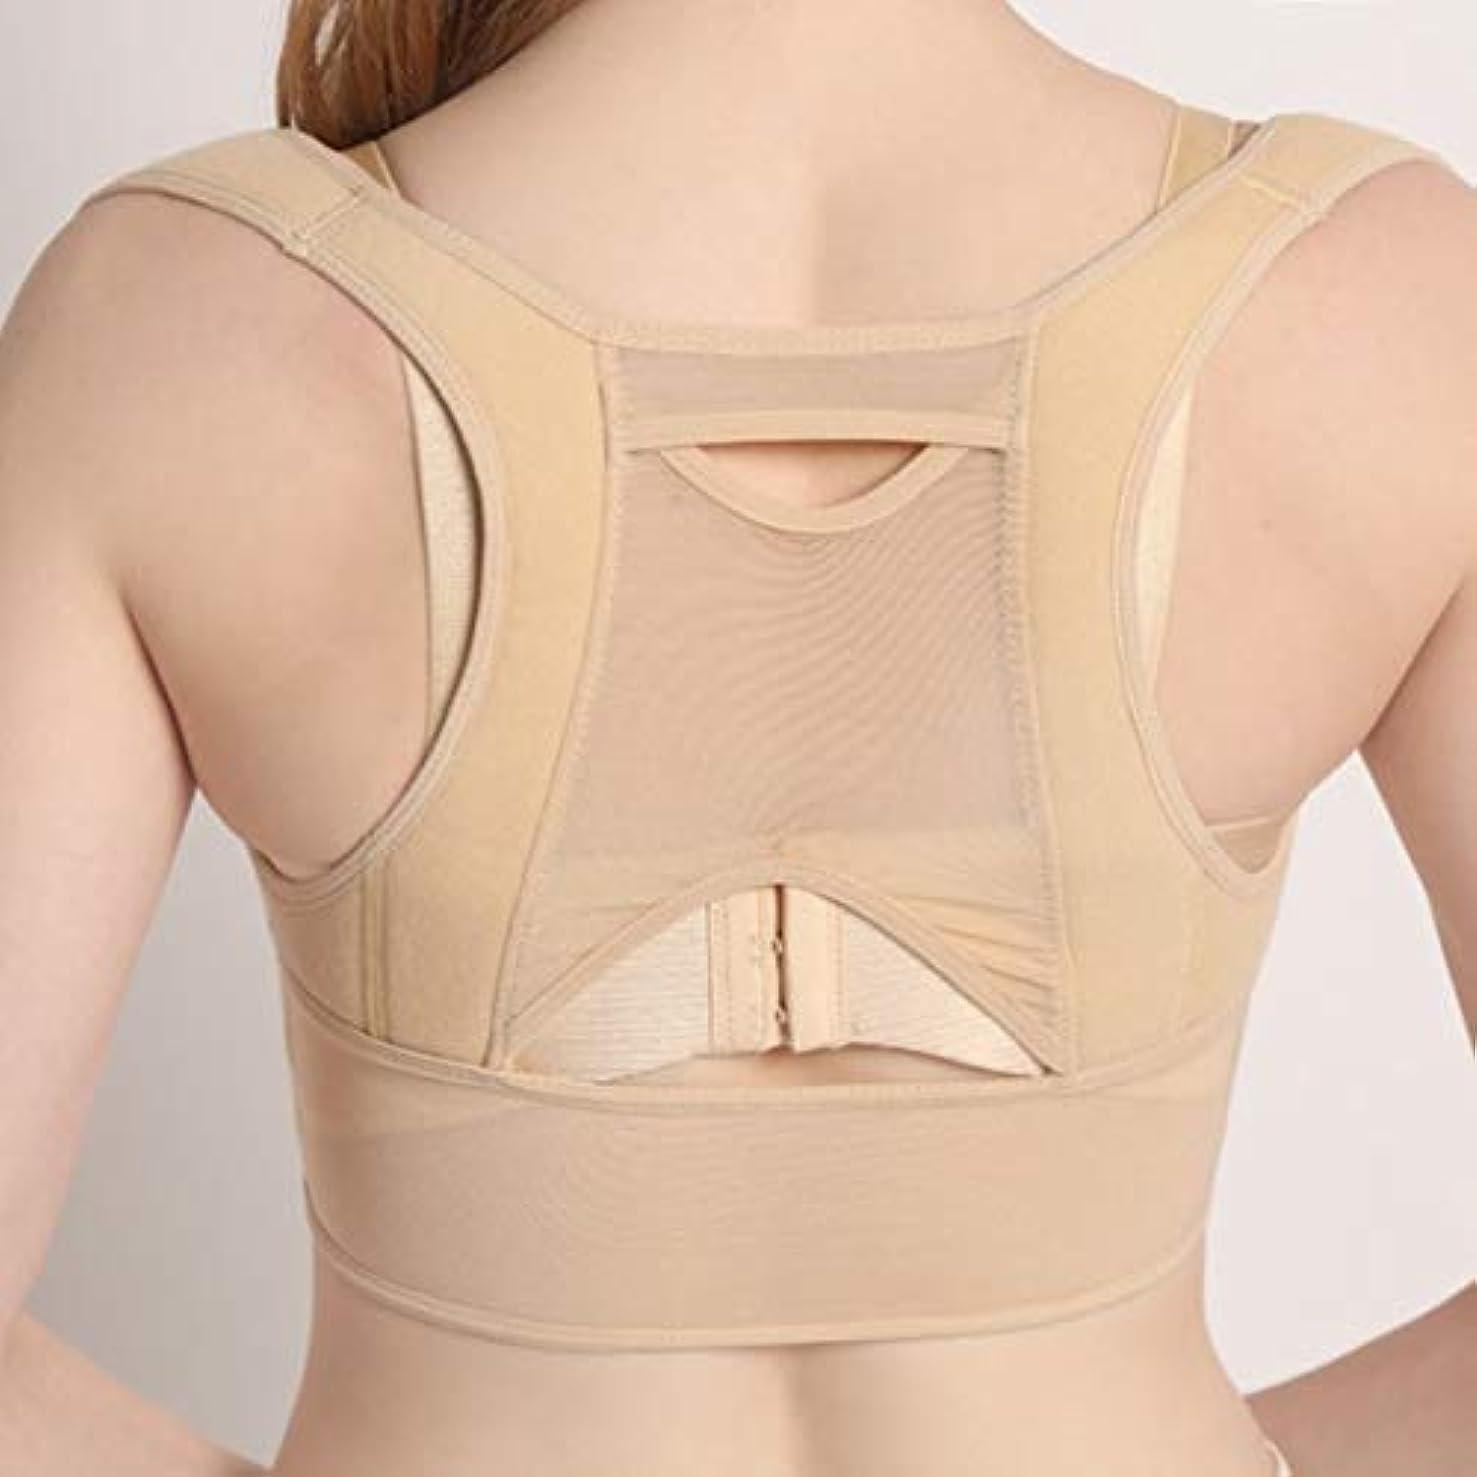 ブラシピースランプ通気性のある女性の背中の姿勢矯正コルセット整形外科の背中の肩の背骨の姿勢矯正腰椎サポート - ベージュホワイトL